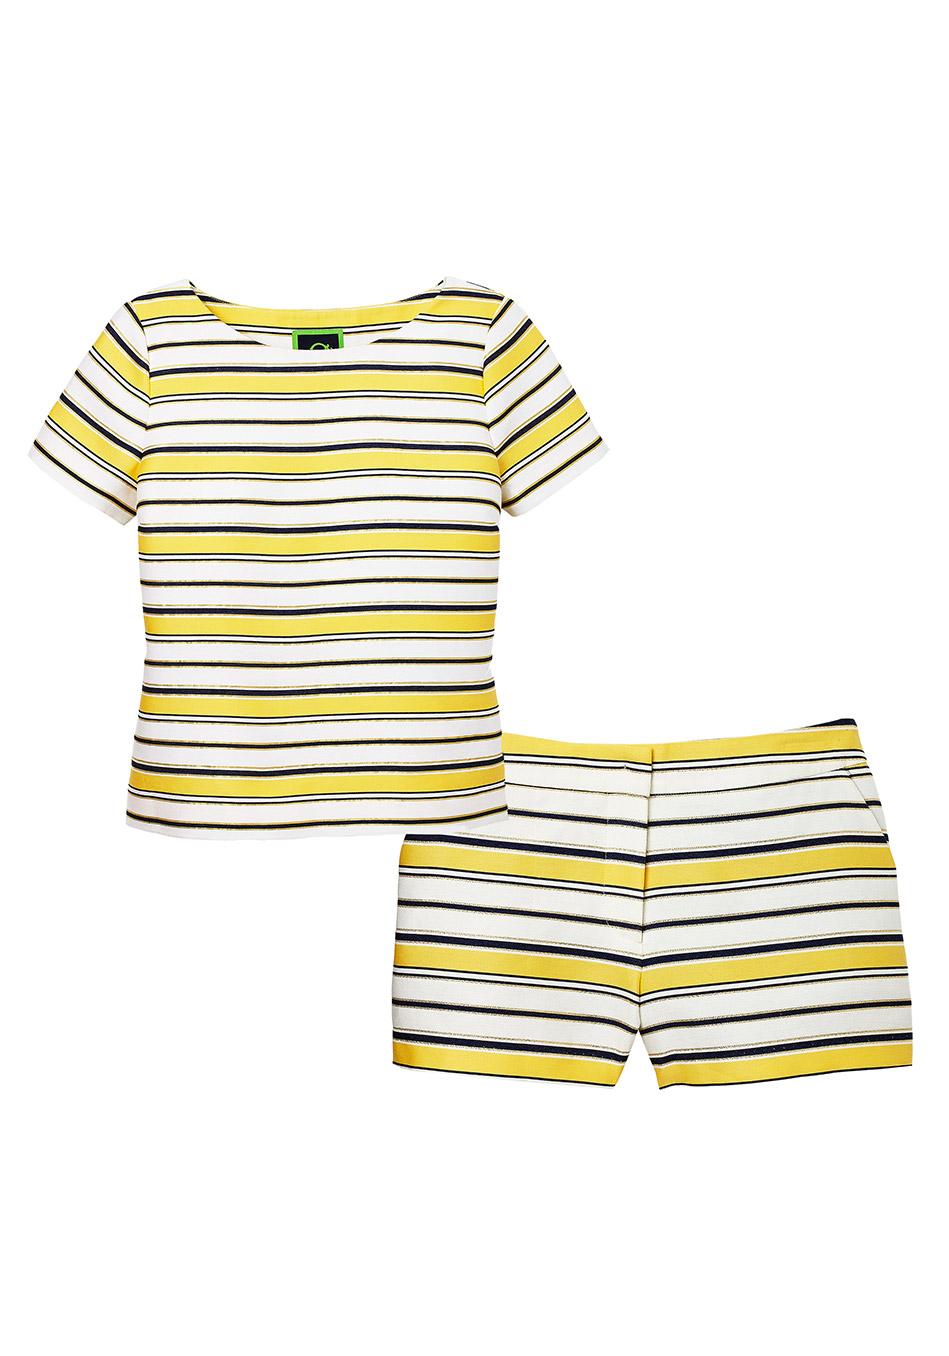 комбинация из шорт и майки одинаковой полосатой расцветки можно попробовать, будучи в вохрасте, вместо платья